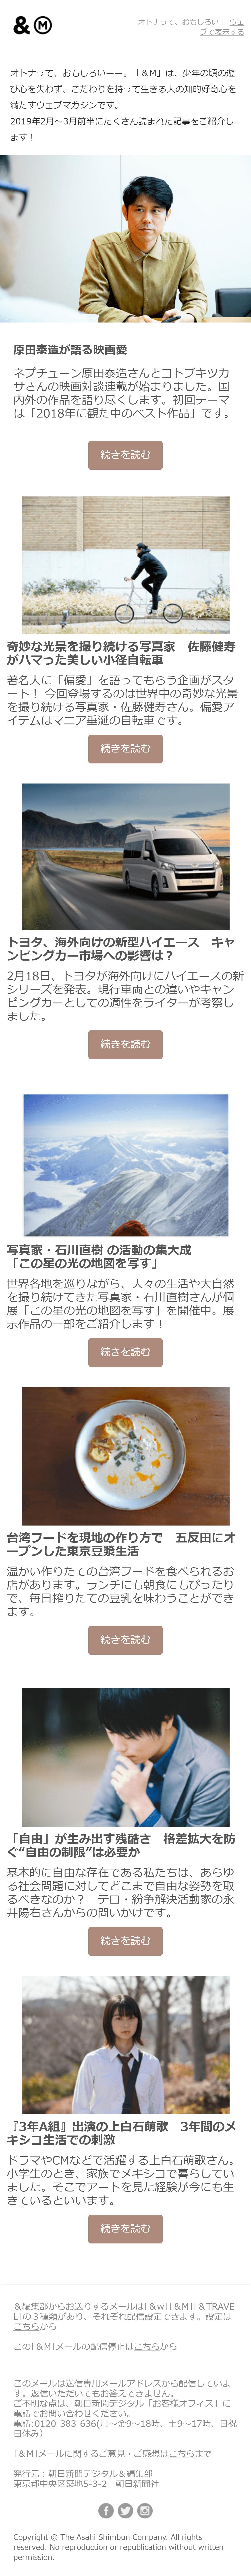 朝日新聞デジタル&M(アンド・エム)のメールのサンプル